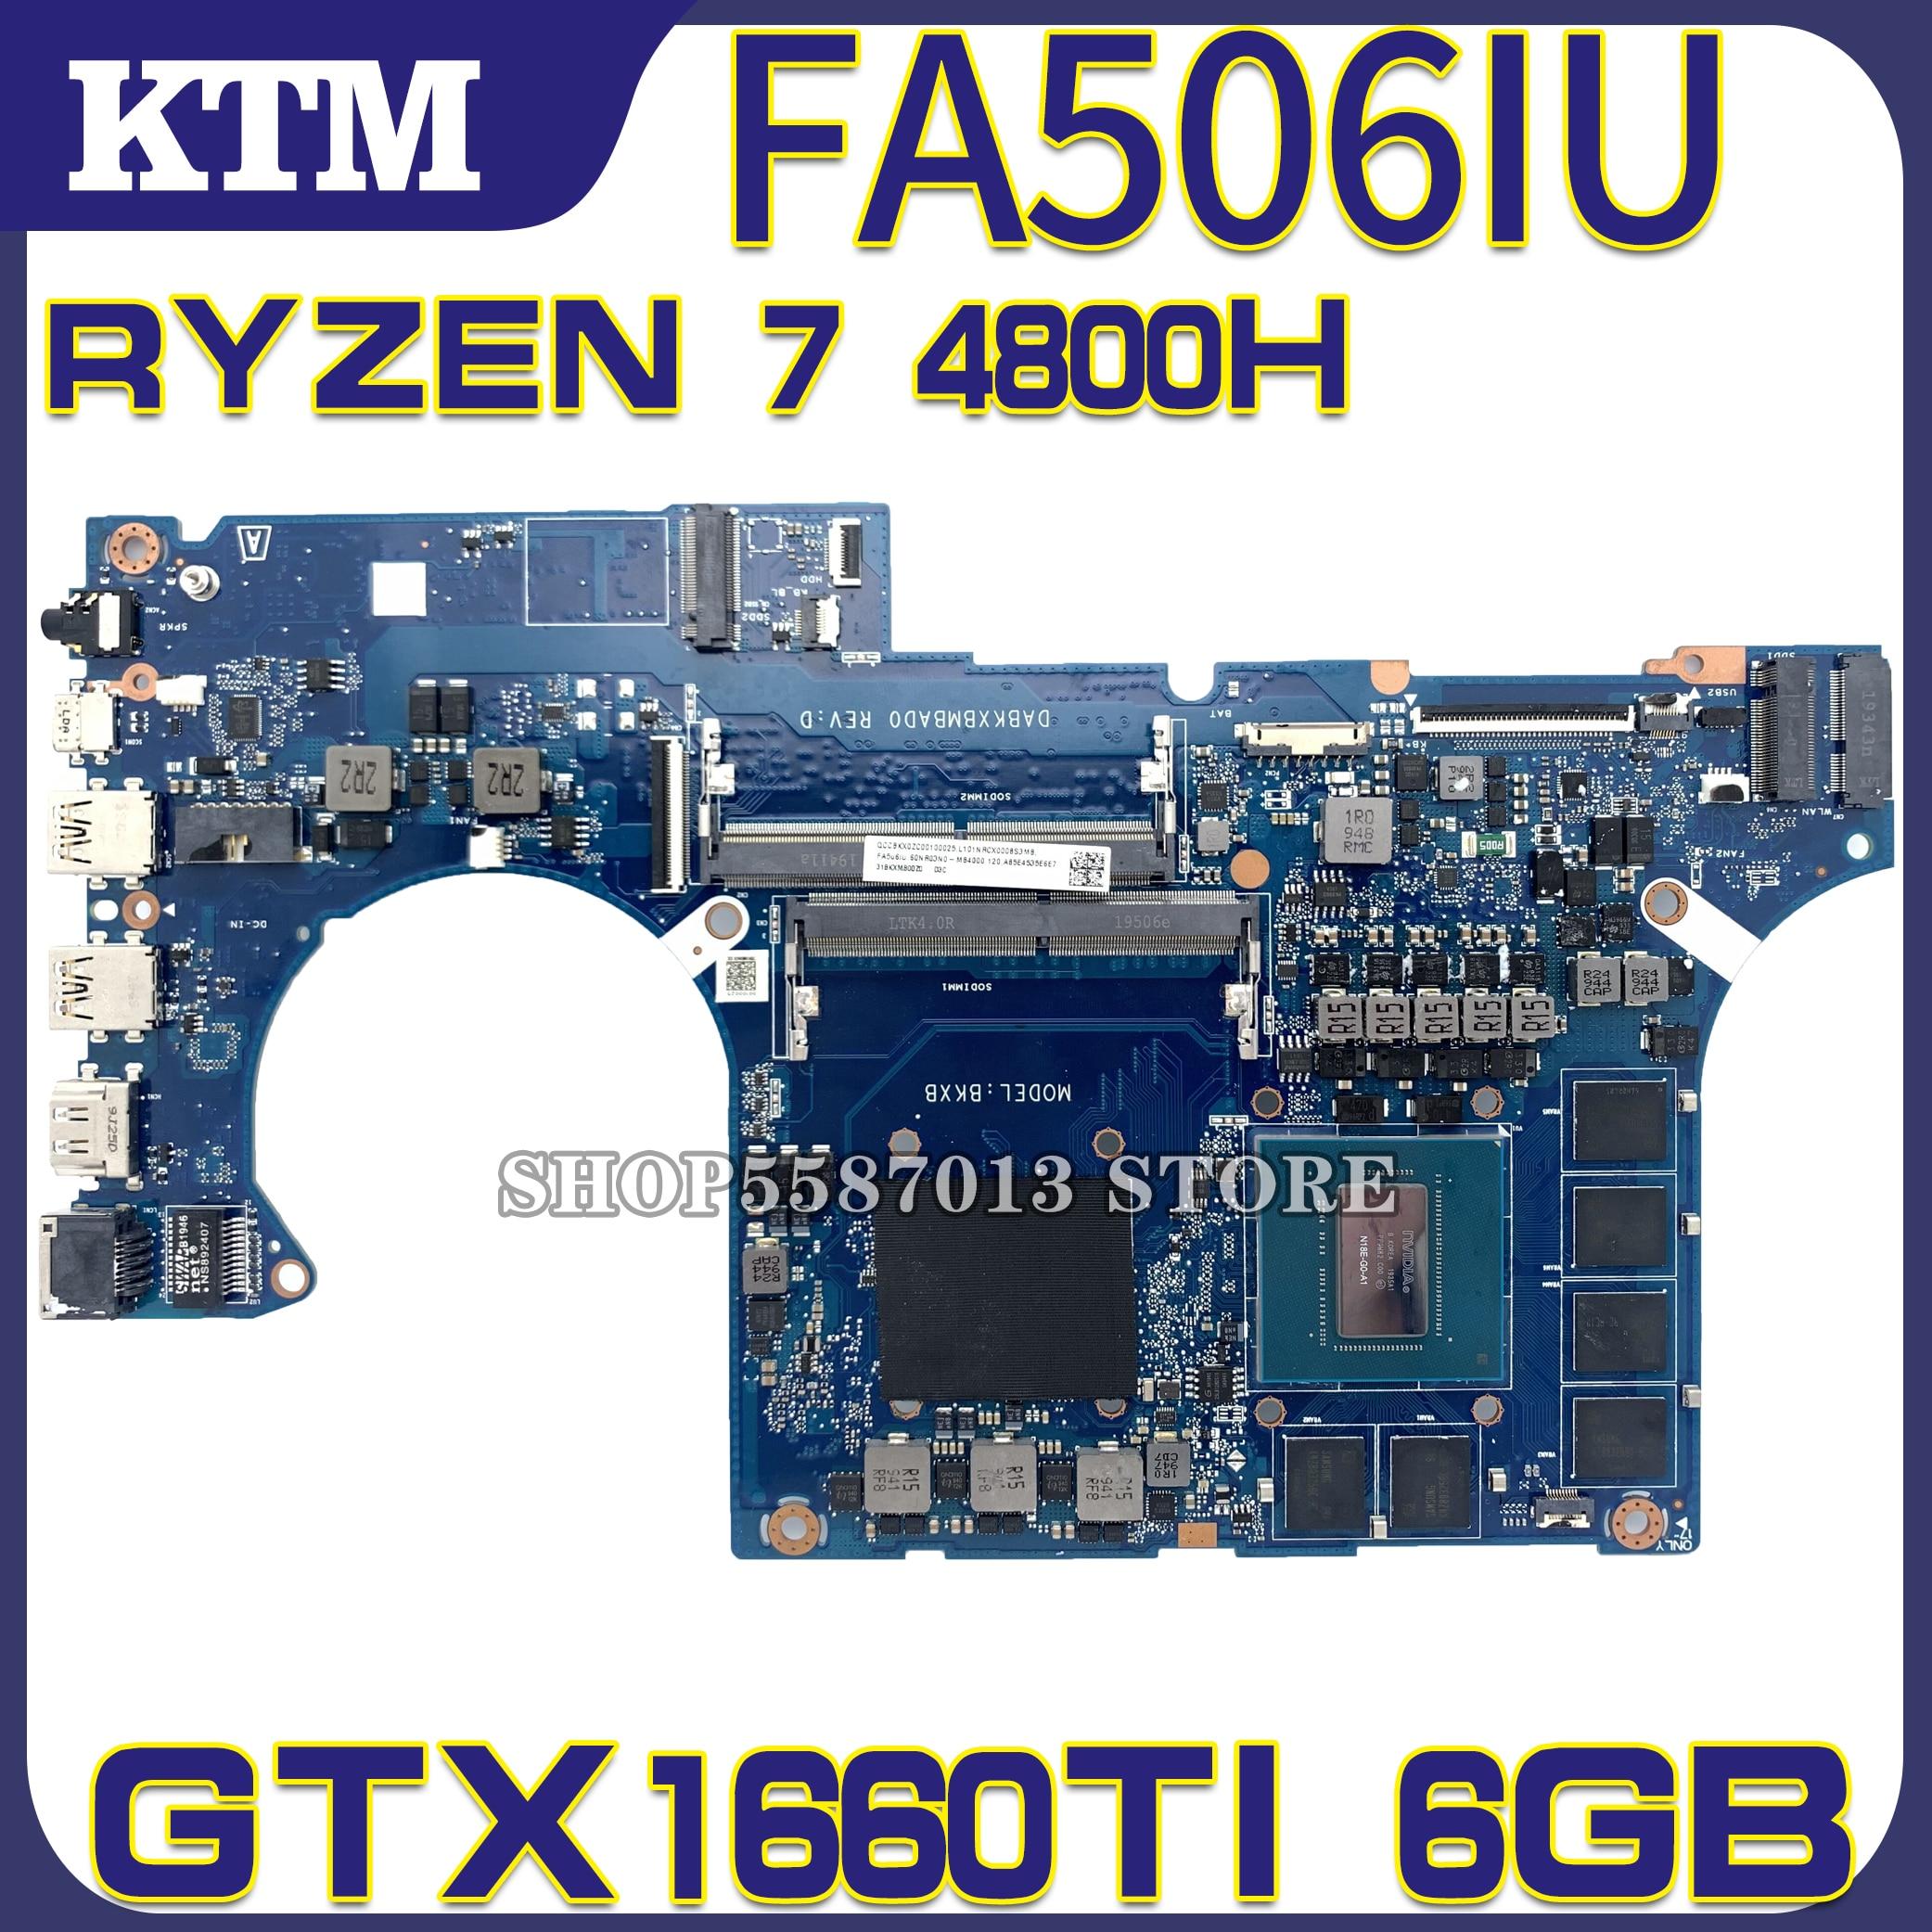 DABKXBMBAD0 placa base de Computadora Portátil para ASUS TUF de A15 FA506IU...